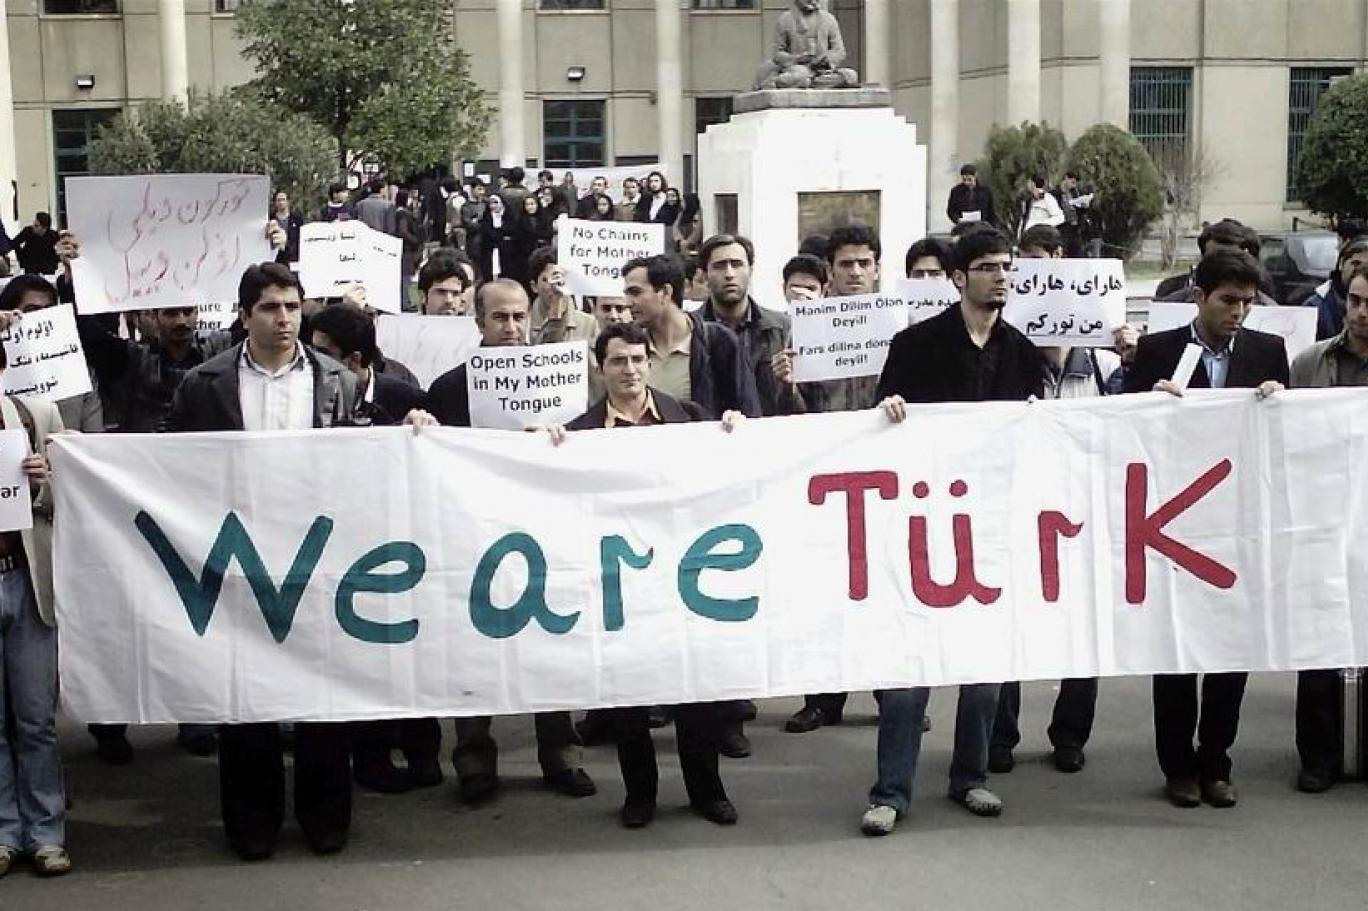 İran rejimi Türklere karşı baskı ve infazları sürdürüyor | Independent Türkçe